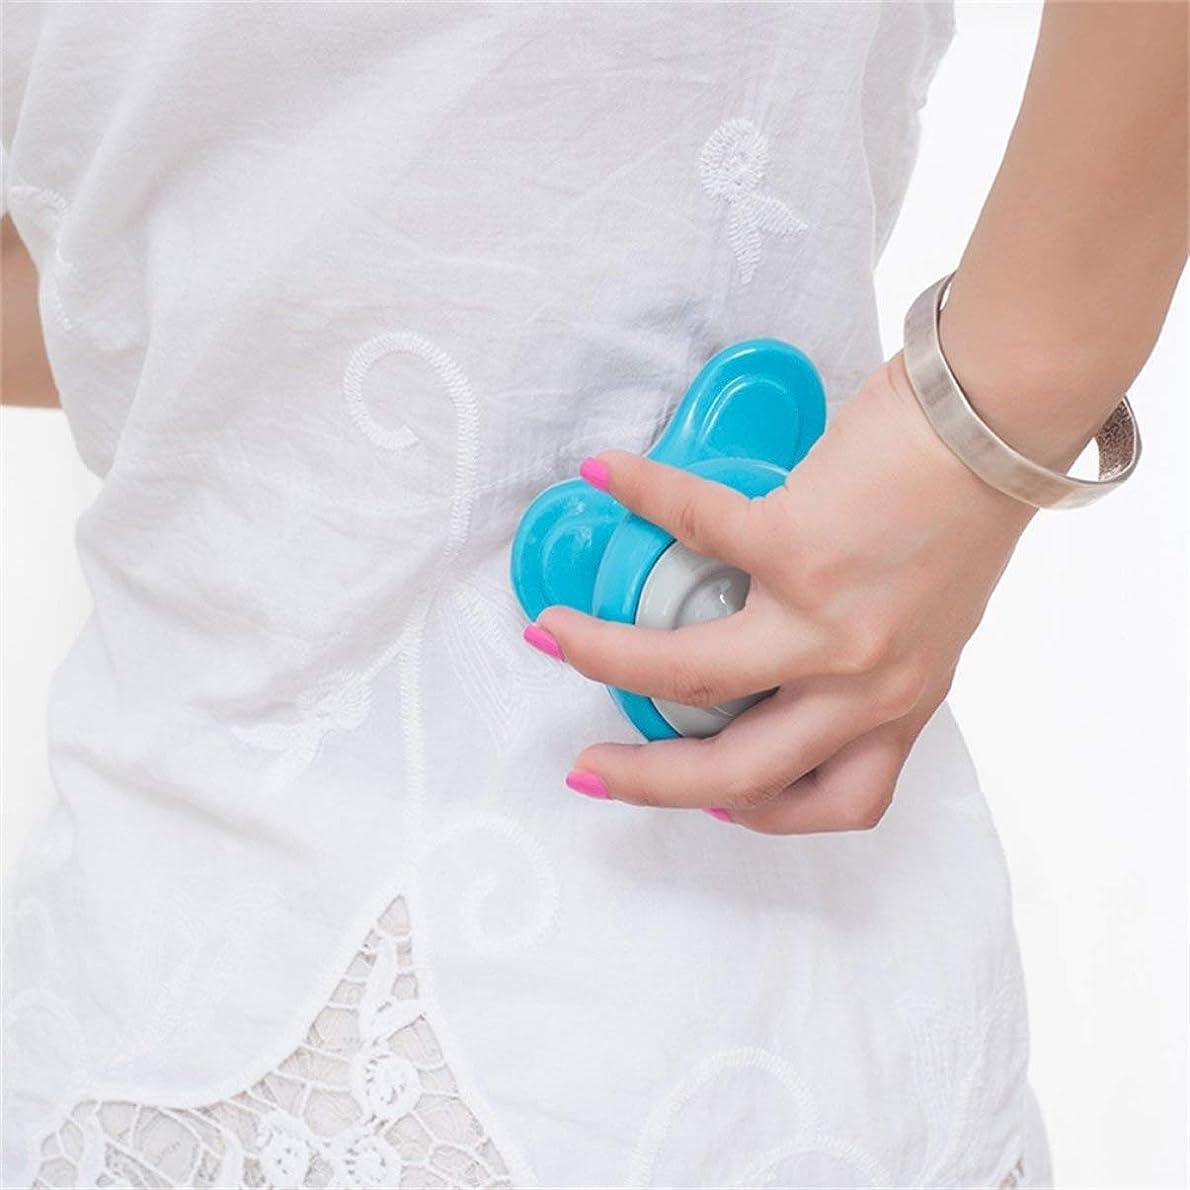 賢明な反逆者現実Mini Electric Handled Wave Vibrating Massager USB Battery Full Body Massage Ultra-compact Lightweight Convenient for Carrying